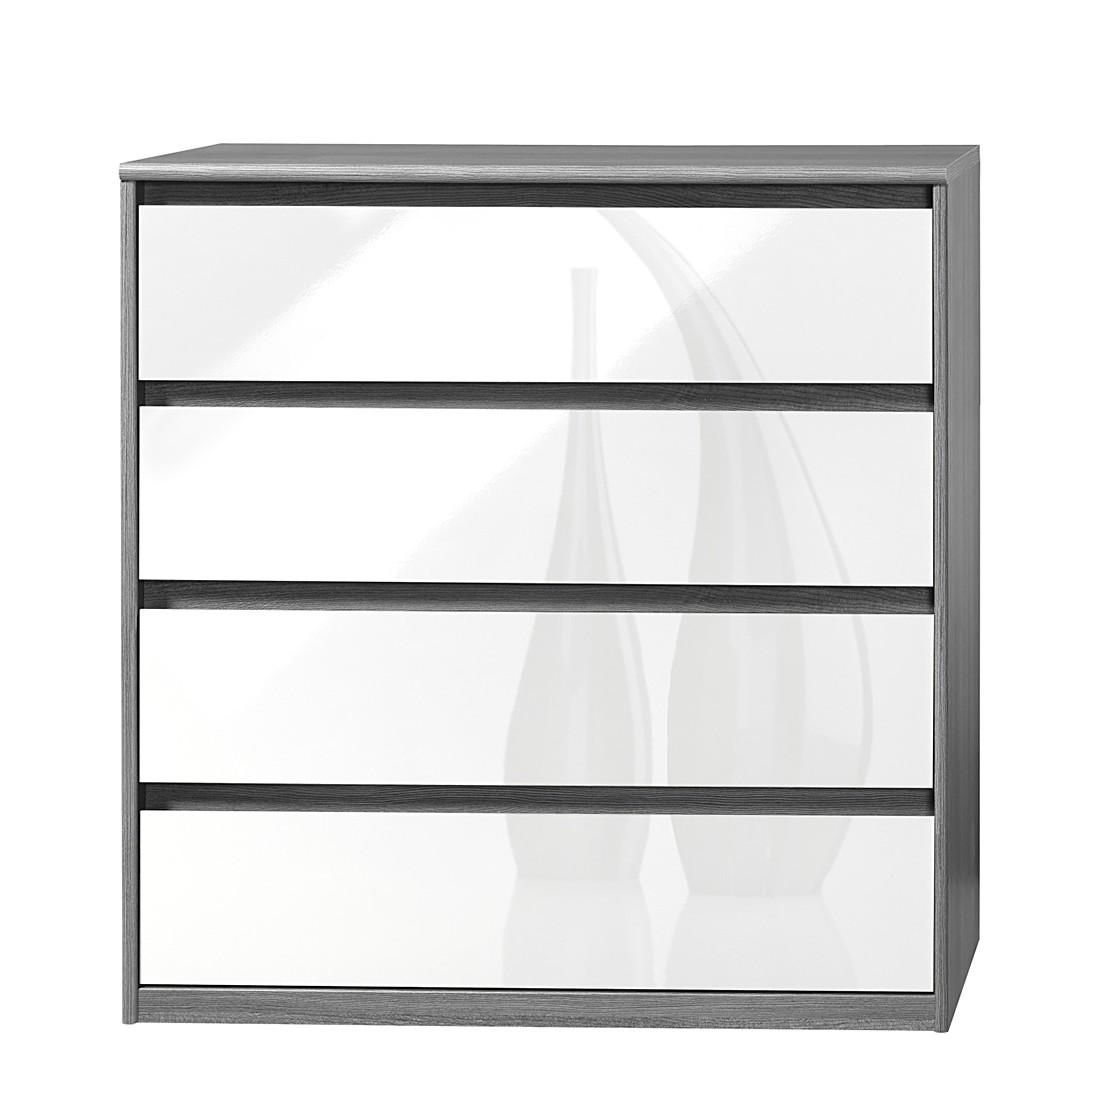 Cassettiera Soft Smart III - Effetto quercia color argento/Bianco lucido, Cs Schmal